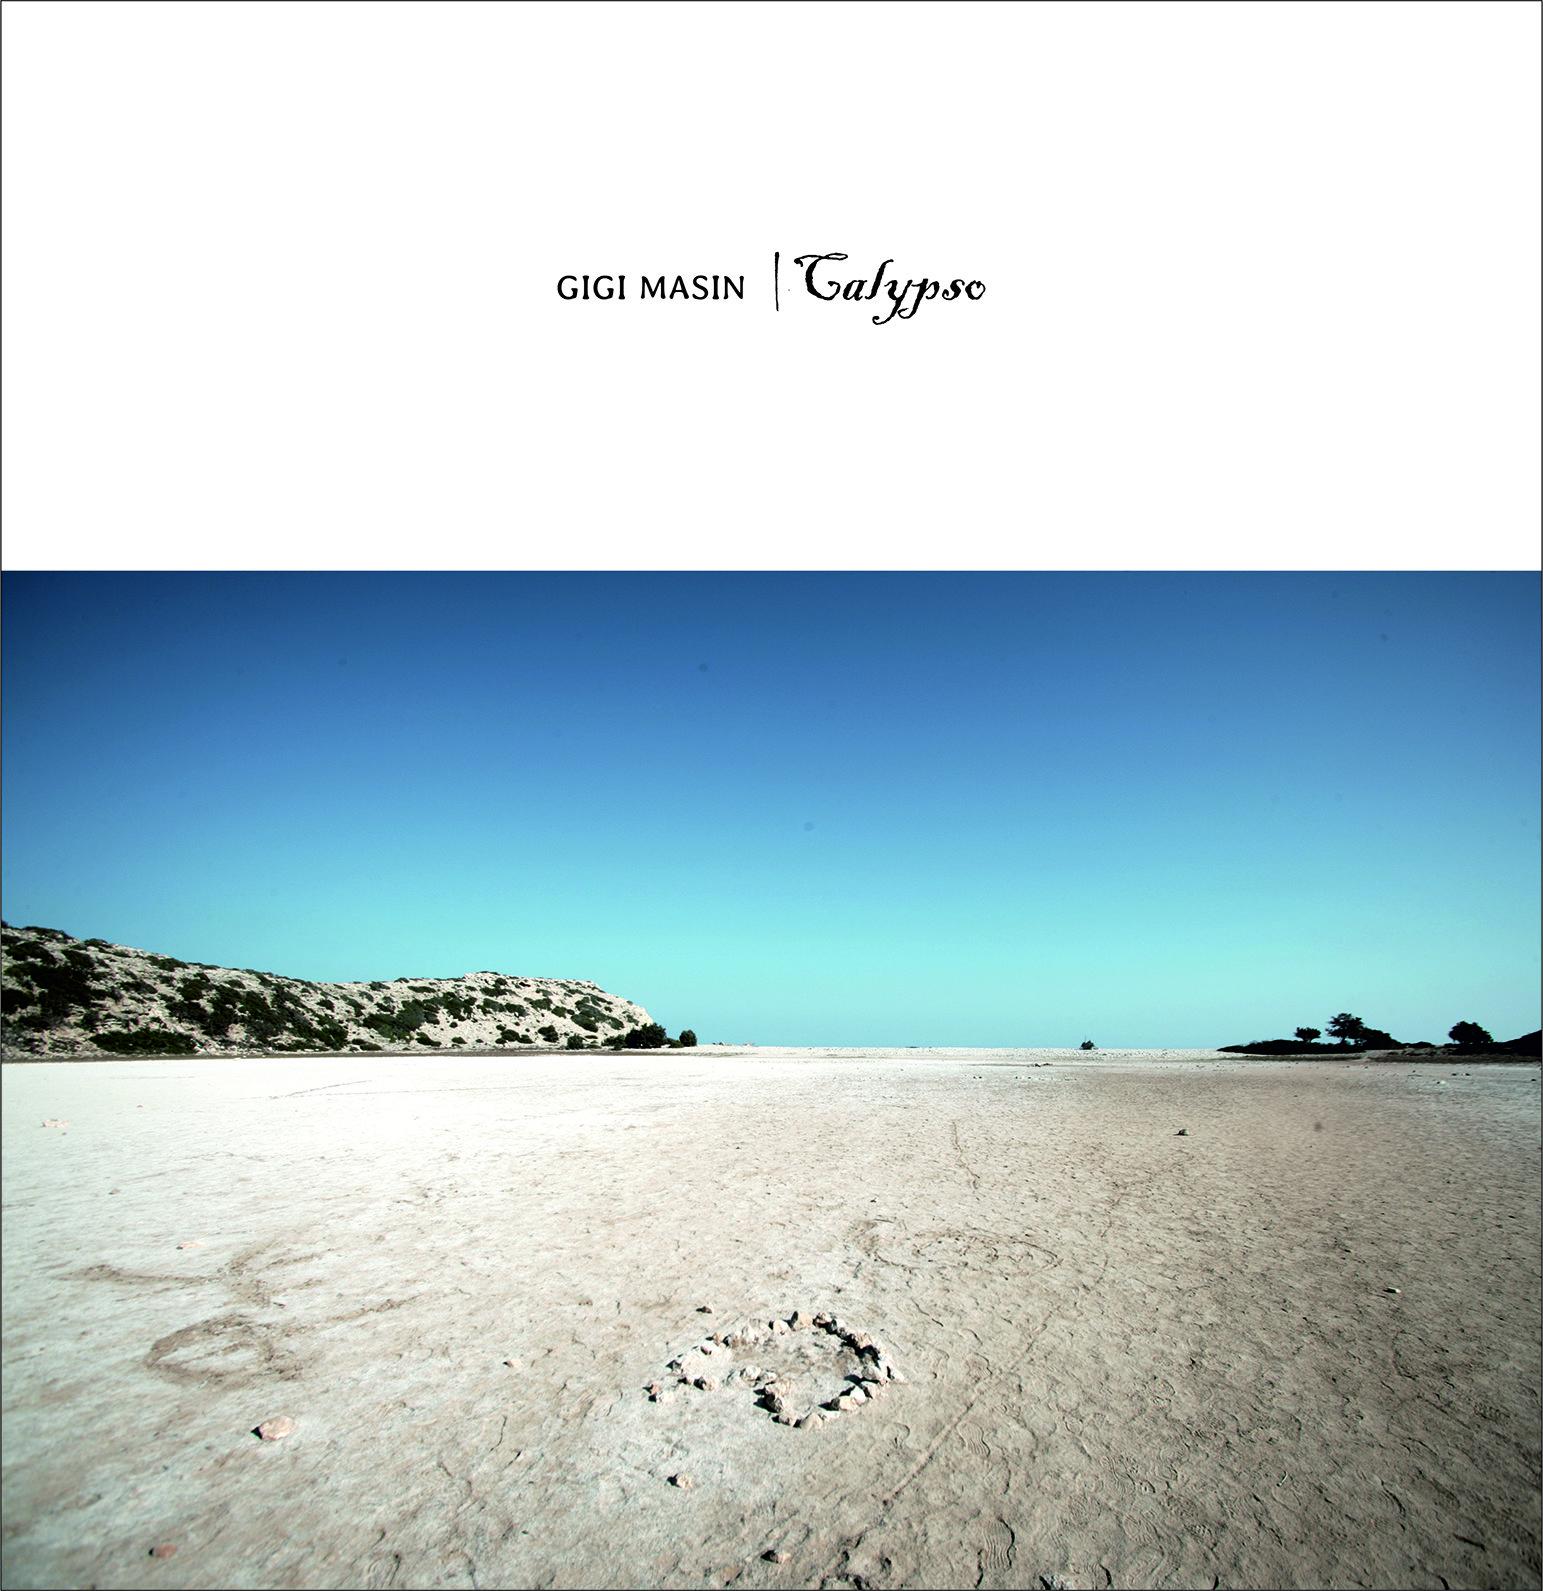 ALBUM REVIEW: Gigi Masin – Calypso